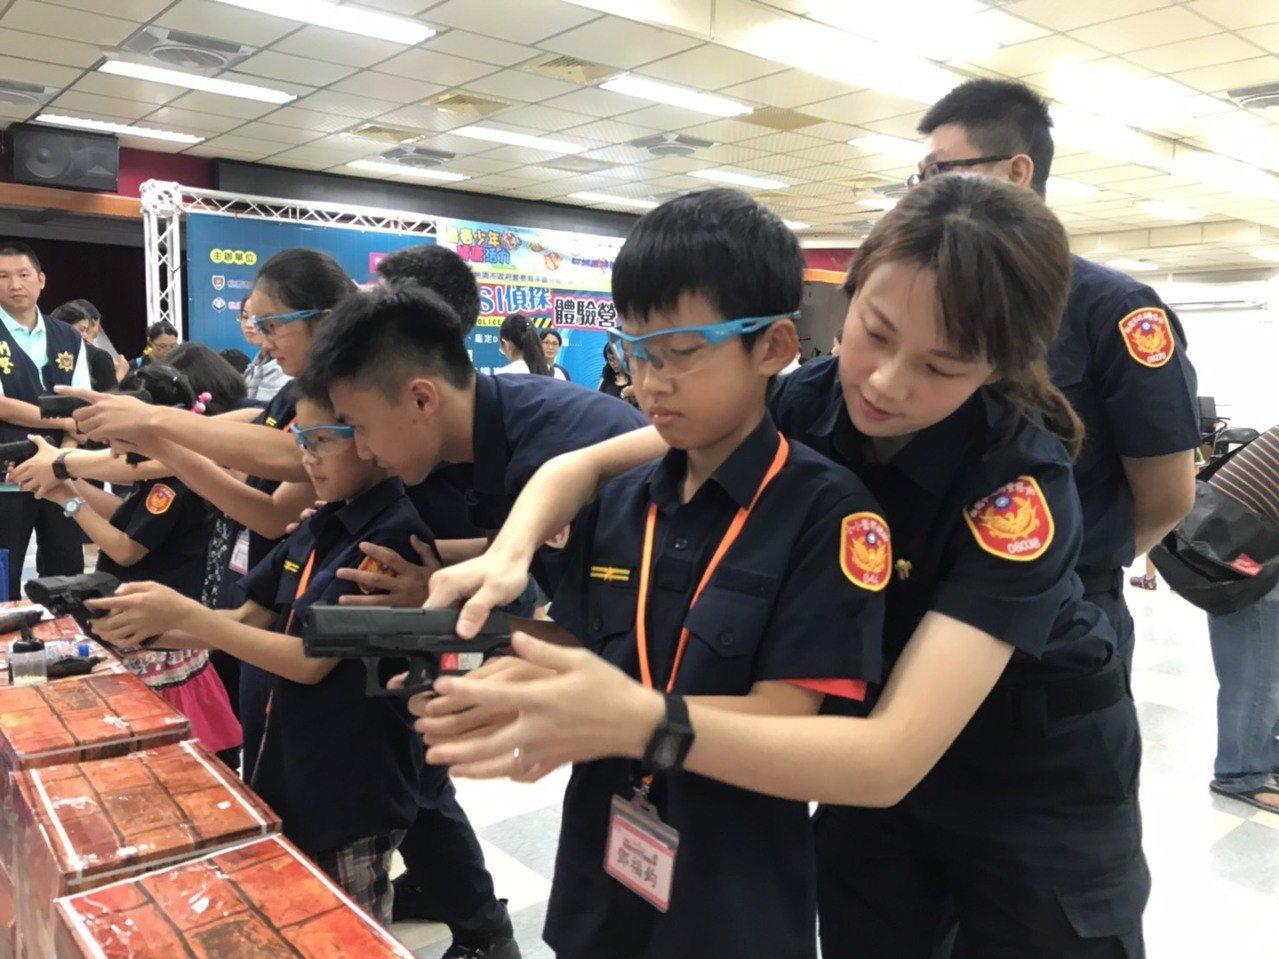 平鎮警分局暑假青春波麗士神探體驗營,安排參與青少年體驗模擬射擊。記者張弘昌/攝影